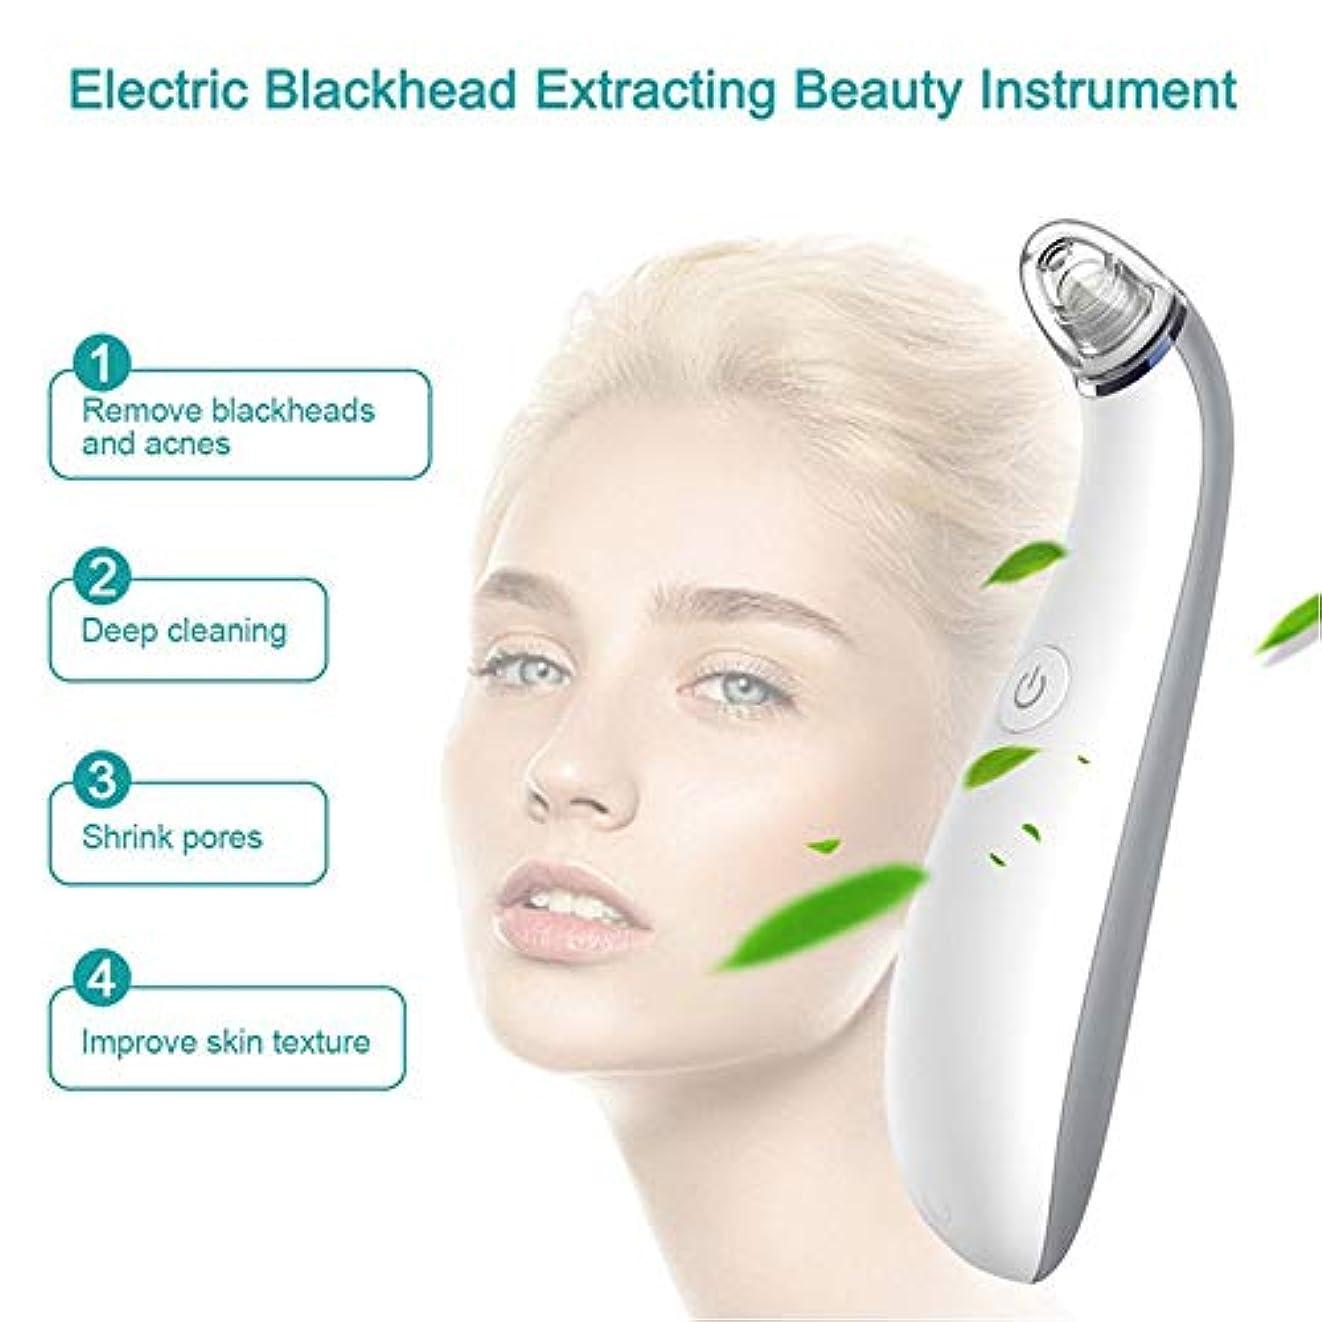 びんスペース改修する気孔の真空の深くきれいな、皮膚健康のための電気顔の安定した吸引のスキンケア用具4取り替え可能な吸引の頭部USB再充電可能